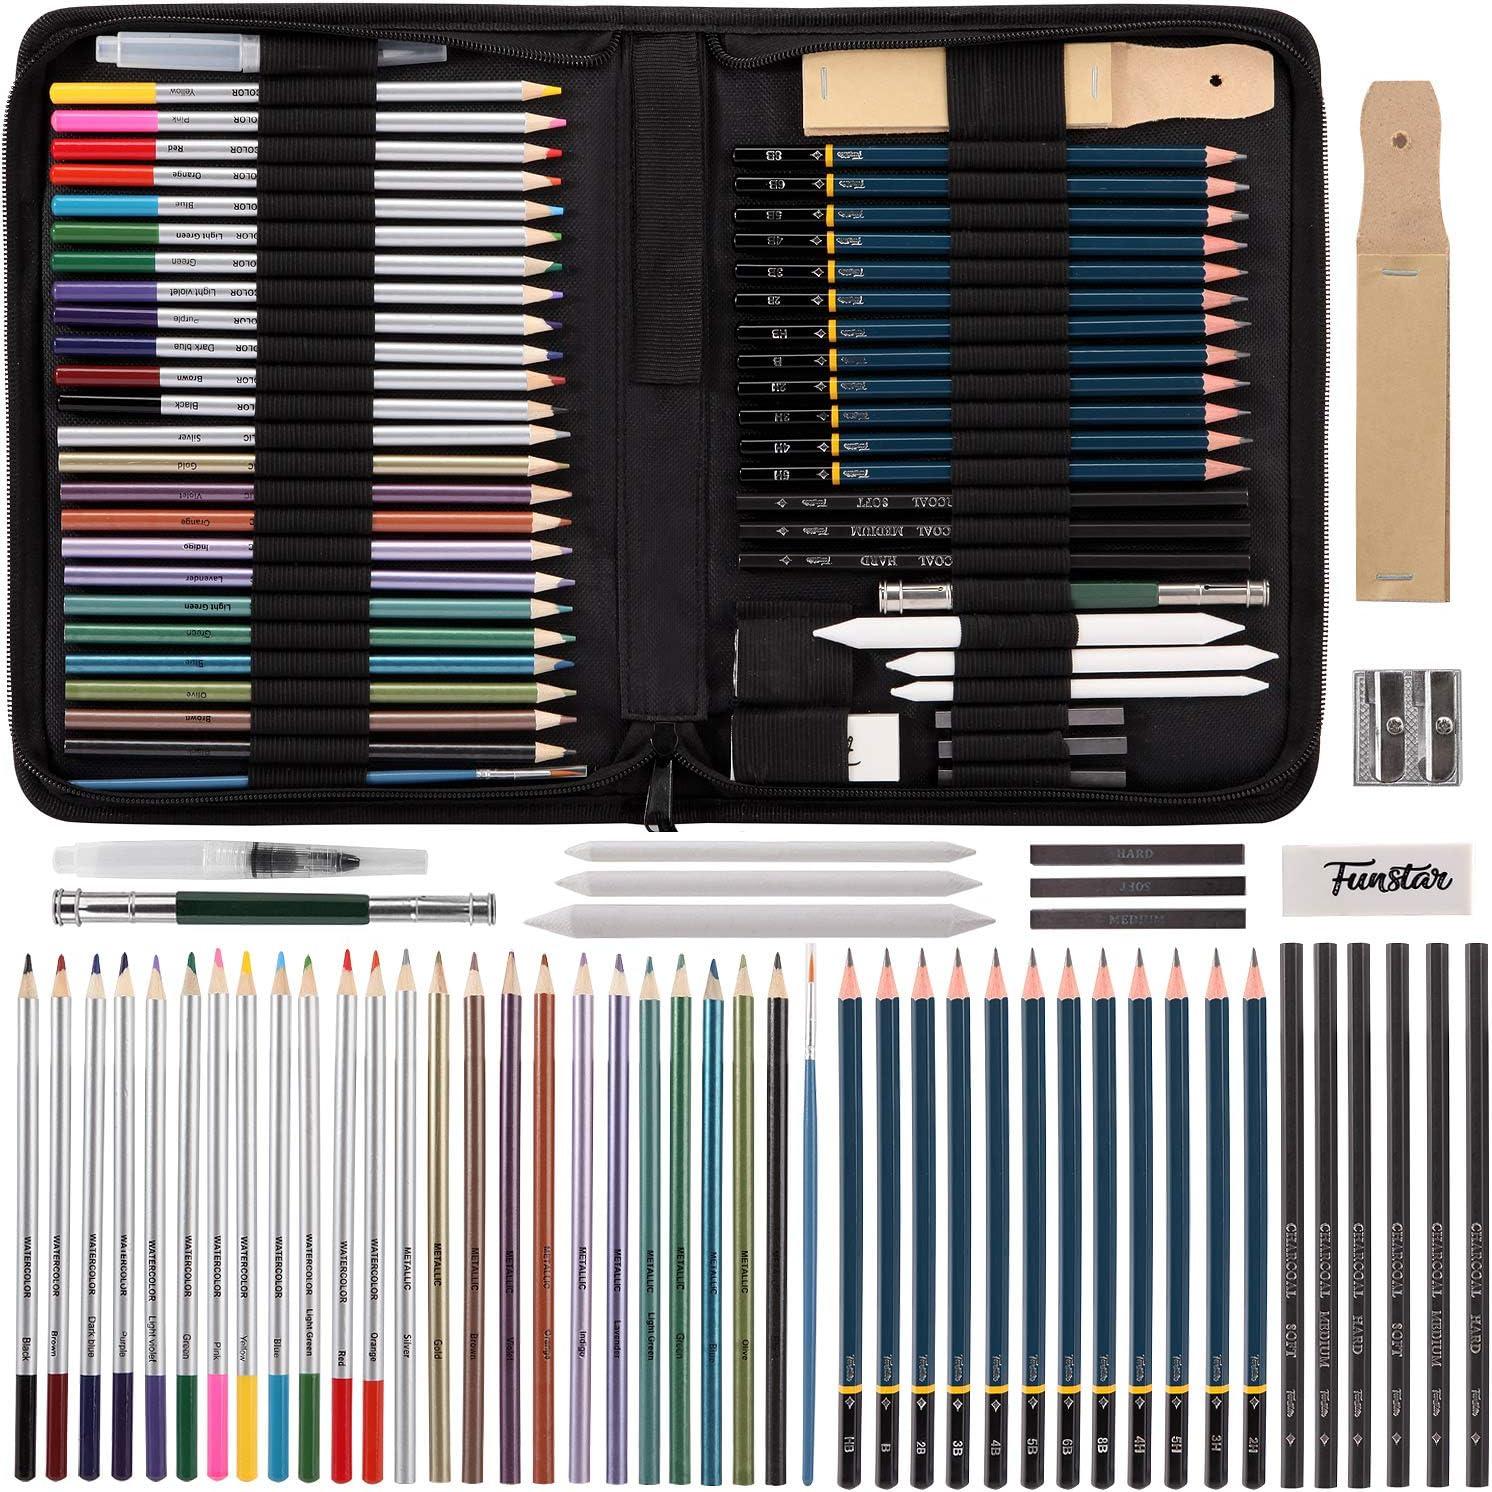 FUNSTAR Sketching Pencils Set Complete Artist Kit Includes Graphite Pencils 51pcs Professional Art Kit Sketching Tools Drawing Pencils and Sketch Kit Sharpener /& Eraser Pastel Stick